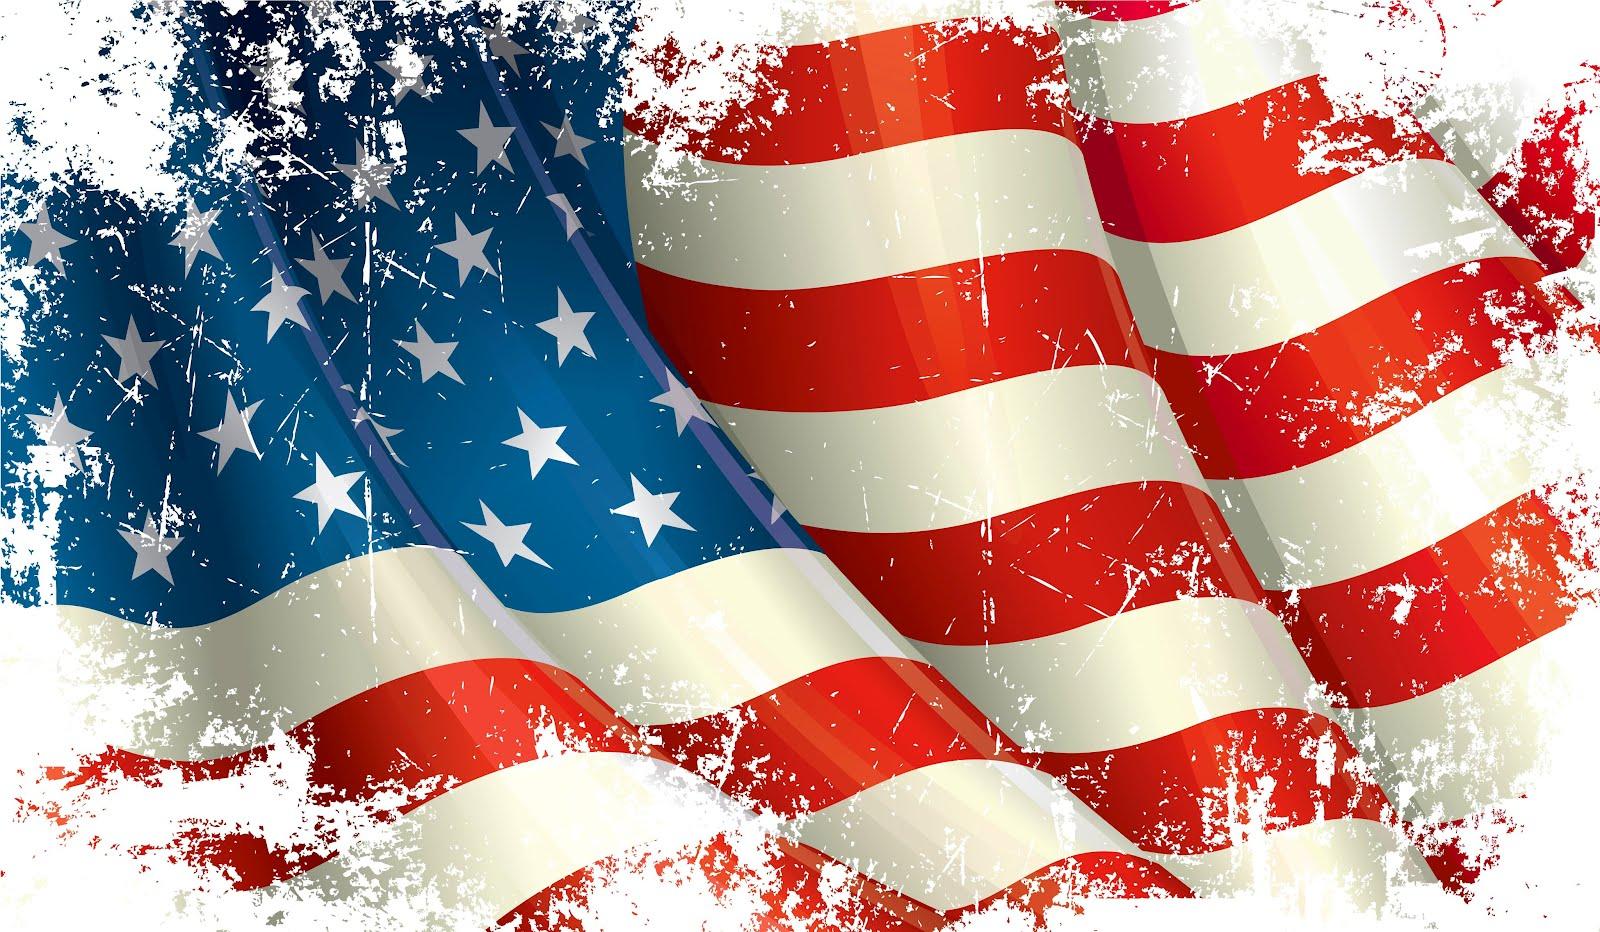 bandera-de-usa-estados-unidos-flag